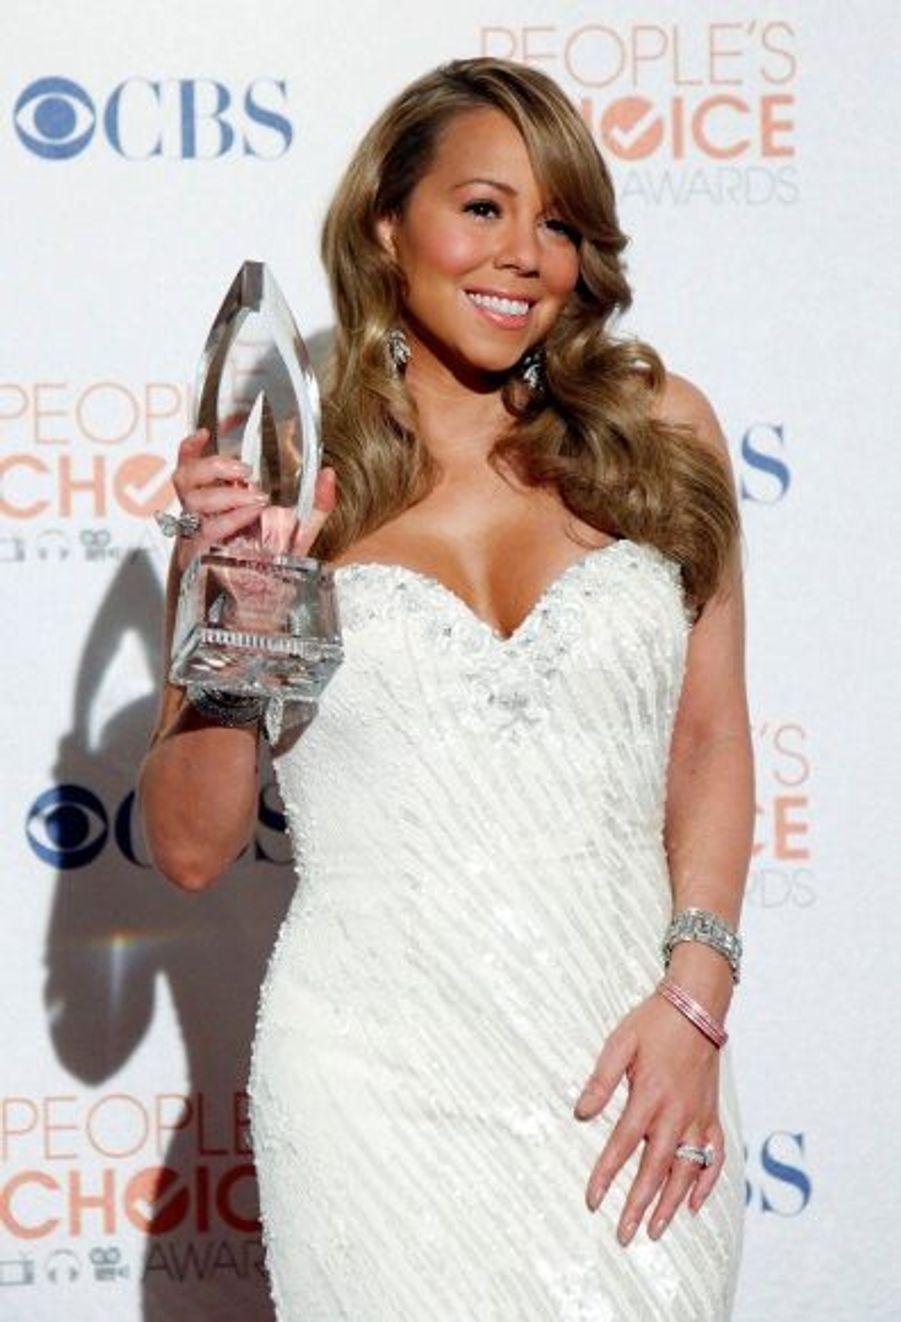 La diva Mariah Carey a été élue artiste R&B de l'année